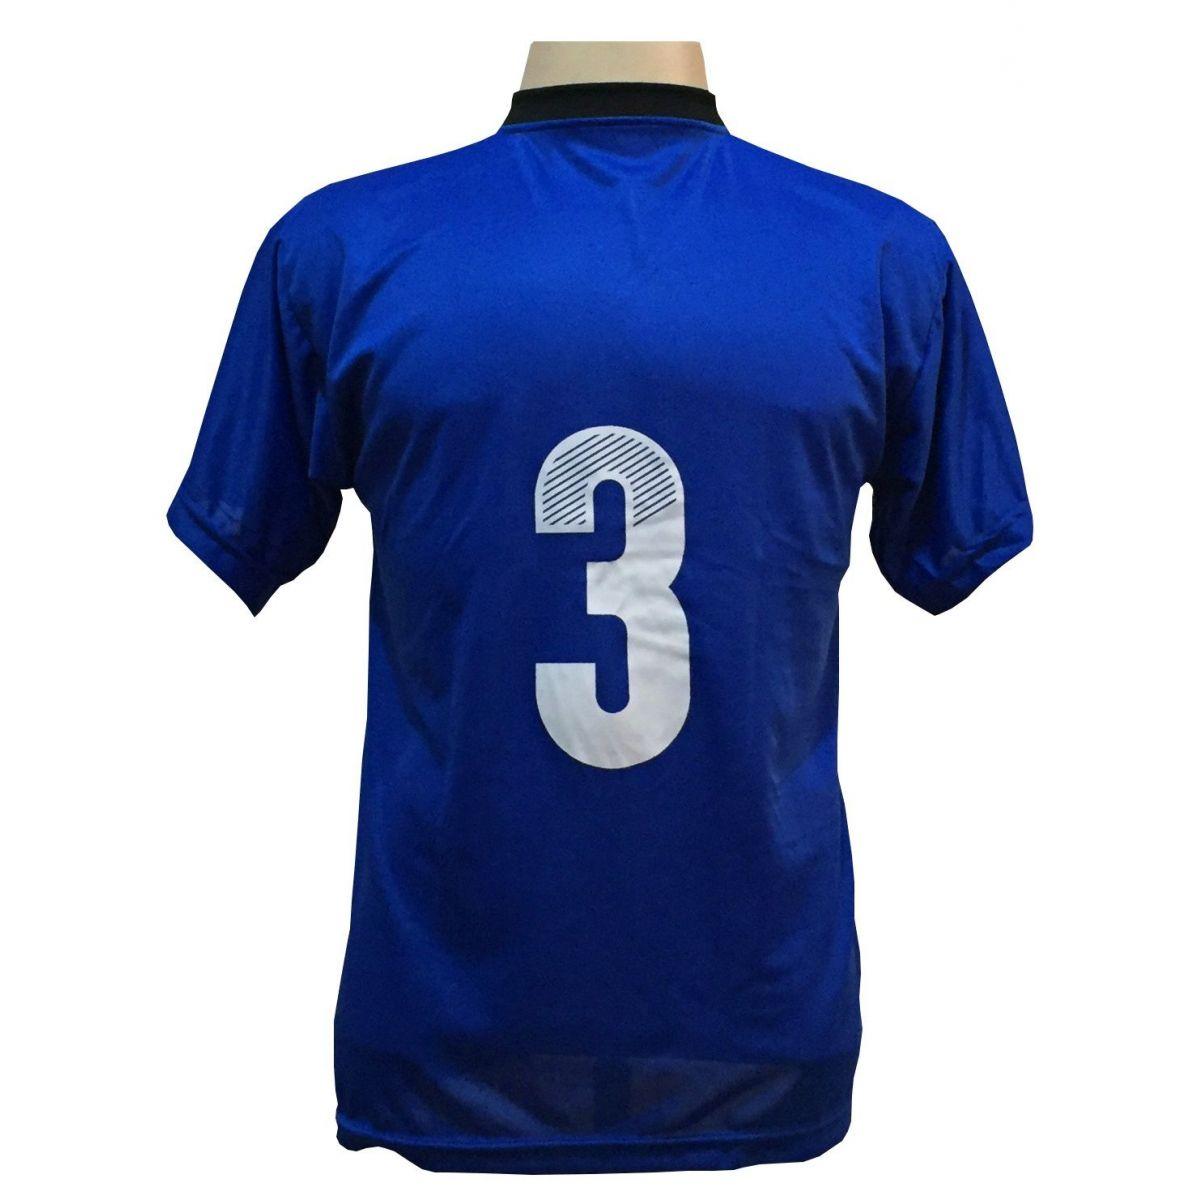 Uniforme Esportivo com 12 Camisas modelo Roma Royal/Preto + 12 Calções modelo Madrid Royal